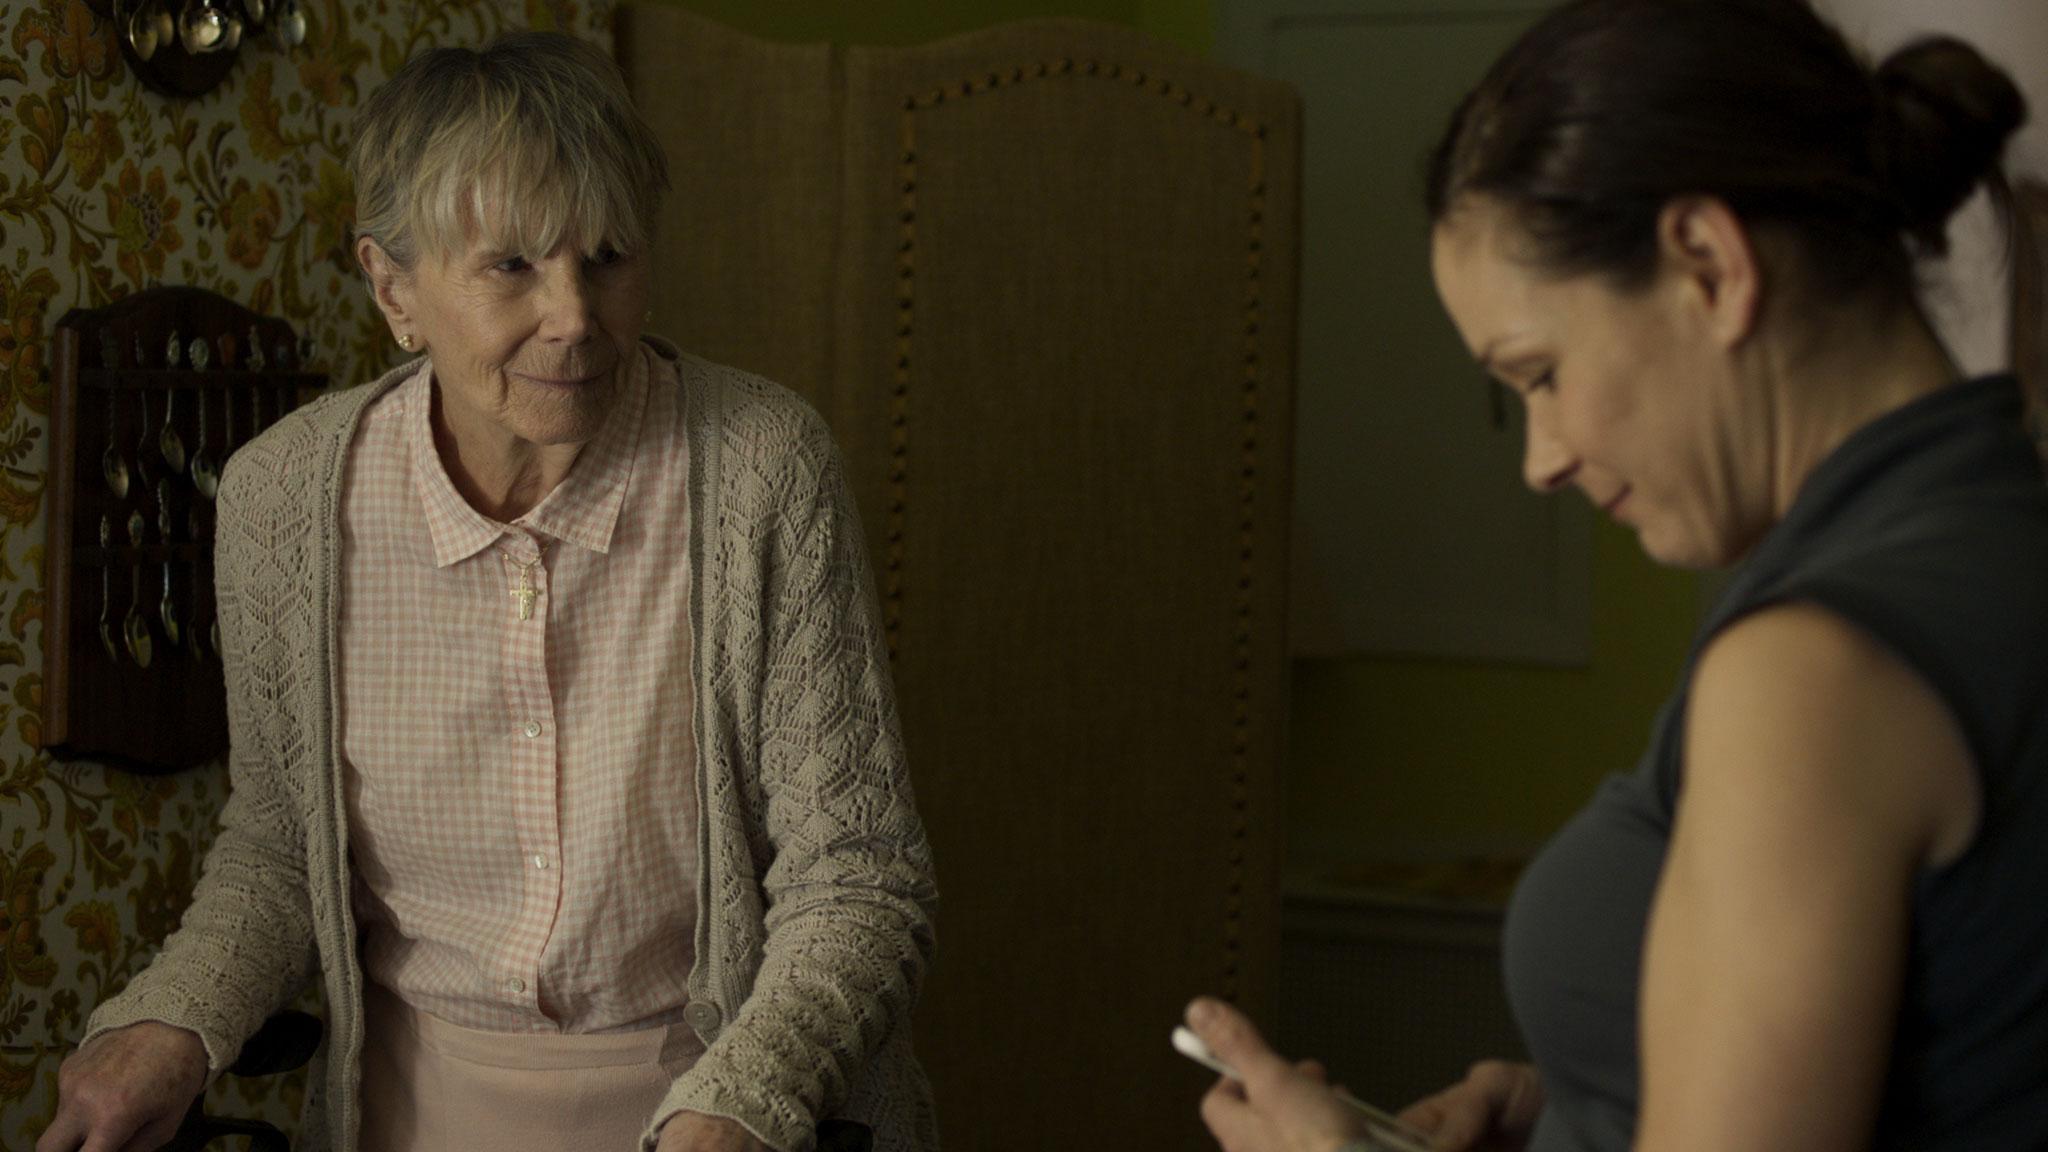 Noches en corto: 'Marguerite' de Marianne Farley y los conflictos de la vejez